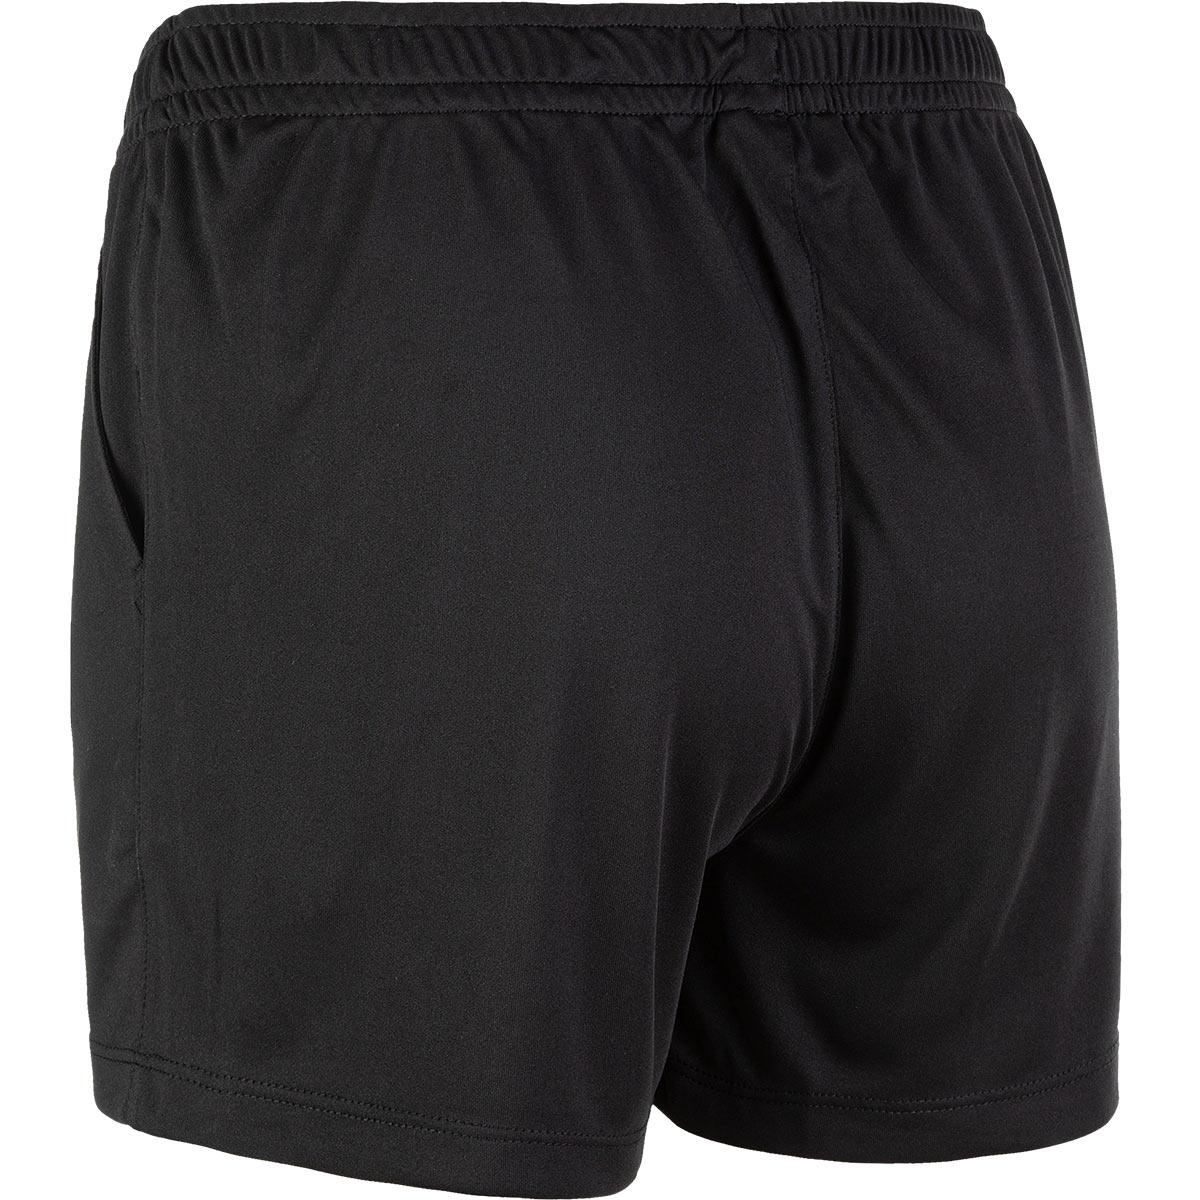 FZ Forza Layla Jr shorts